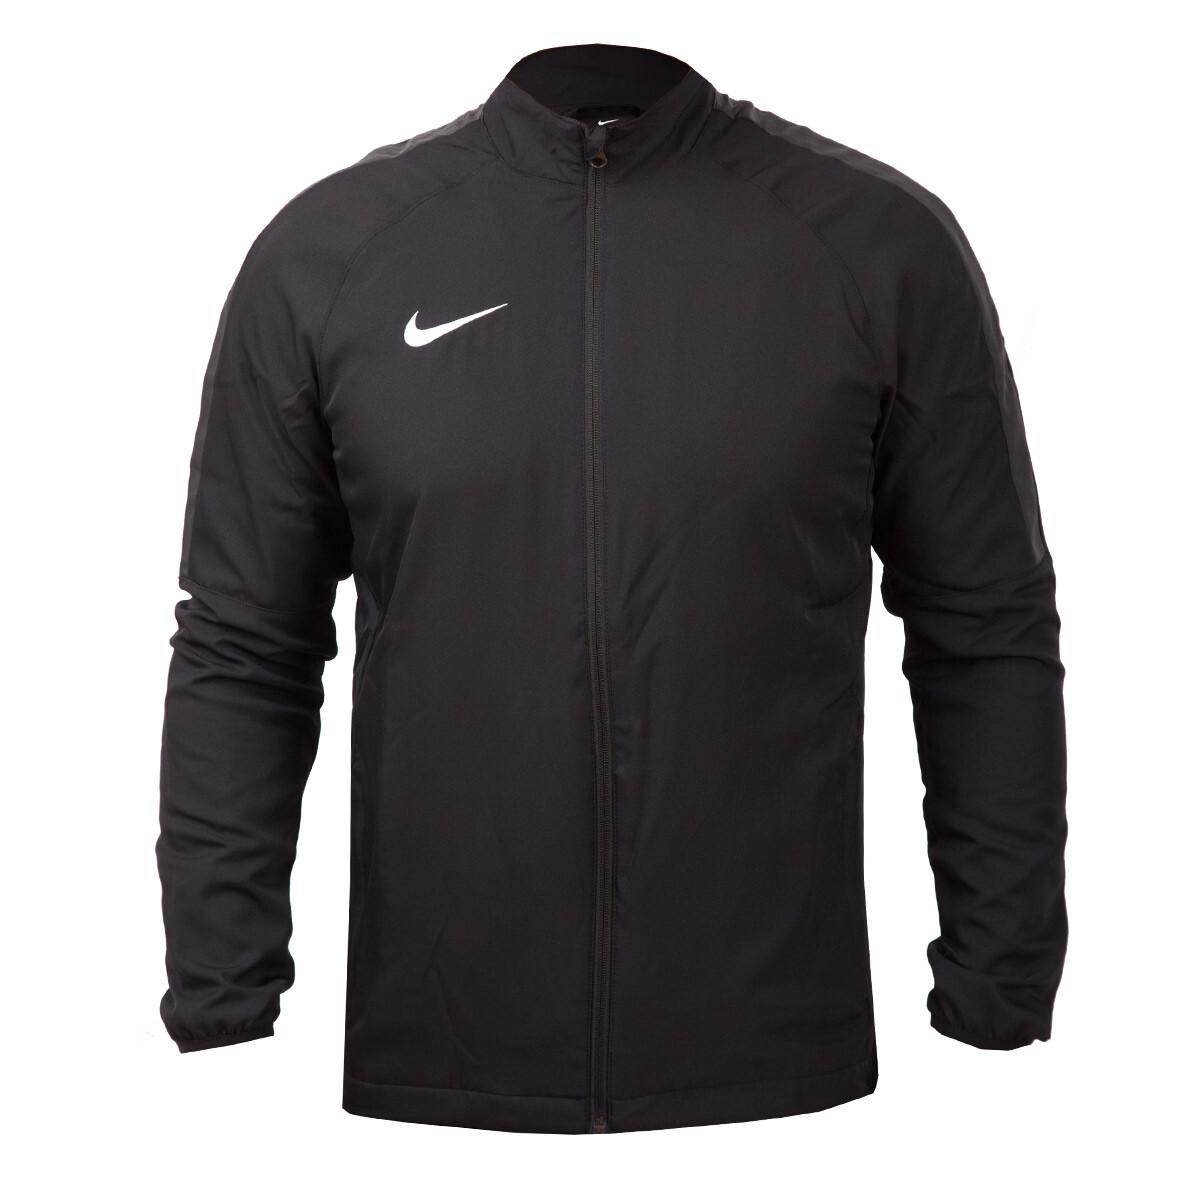 a1275155af4 Мъже Мъжки якета и горнища Adidas, Puma, Nike Мъжко горнище ACADEMY 18 WOVEN  -